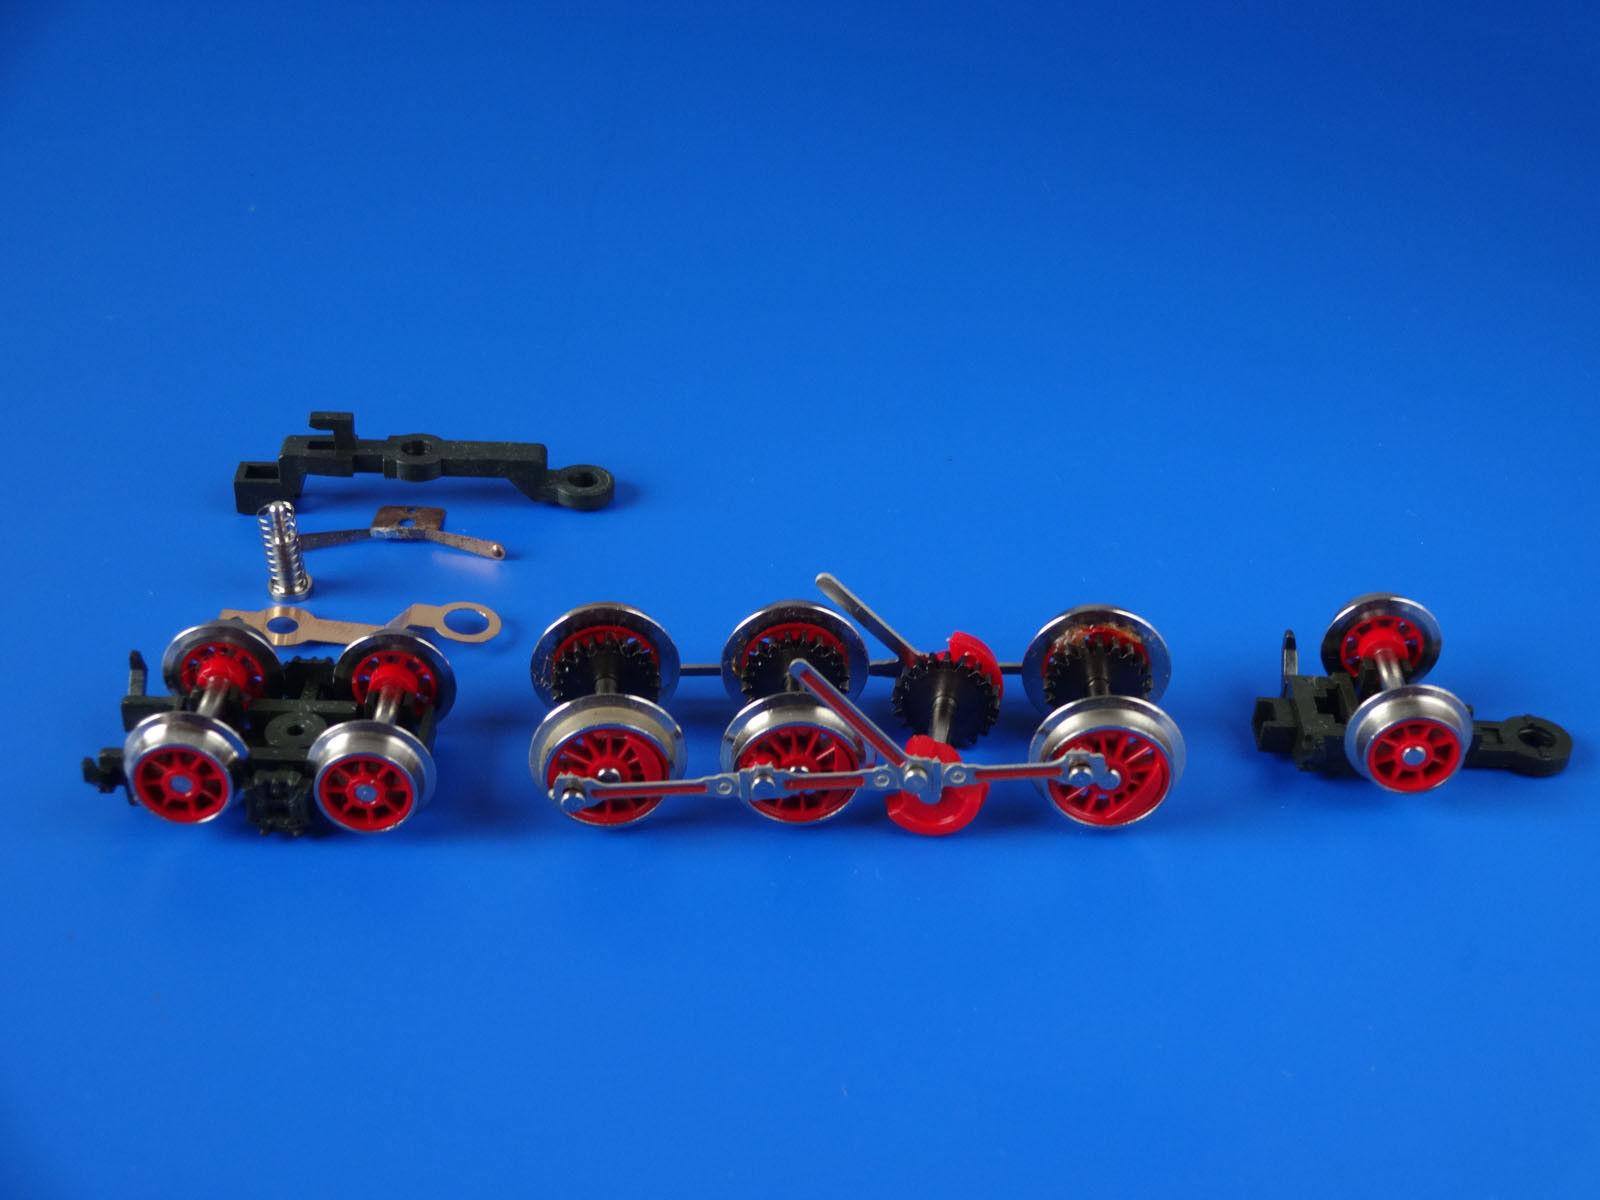 comprar ahora Trix International - 2419-tragado-barras-e - - - Lok PE 3 6 juego de ruedas + bogie  tienda de ventas outlet